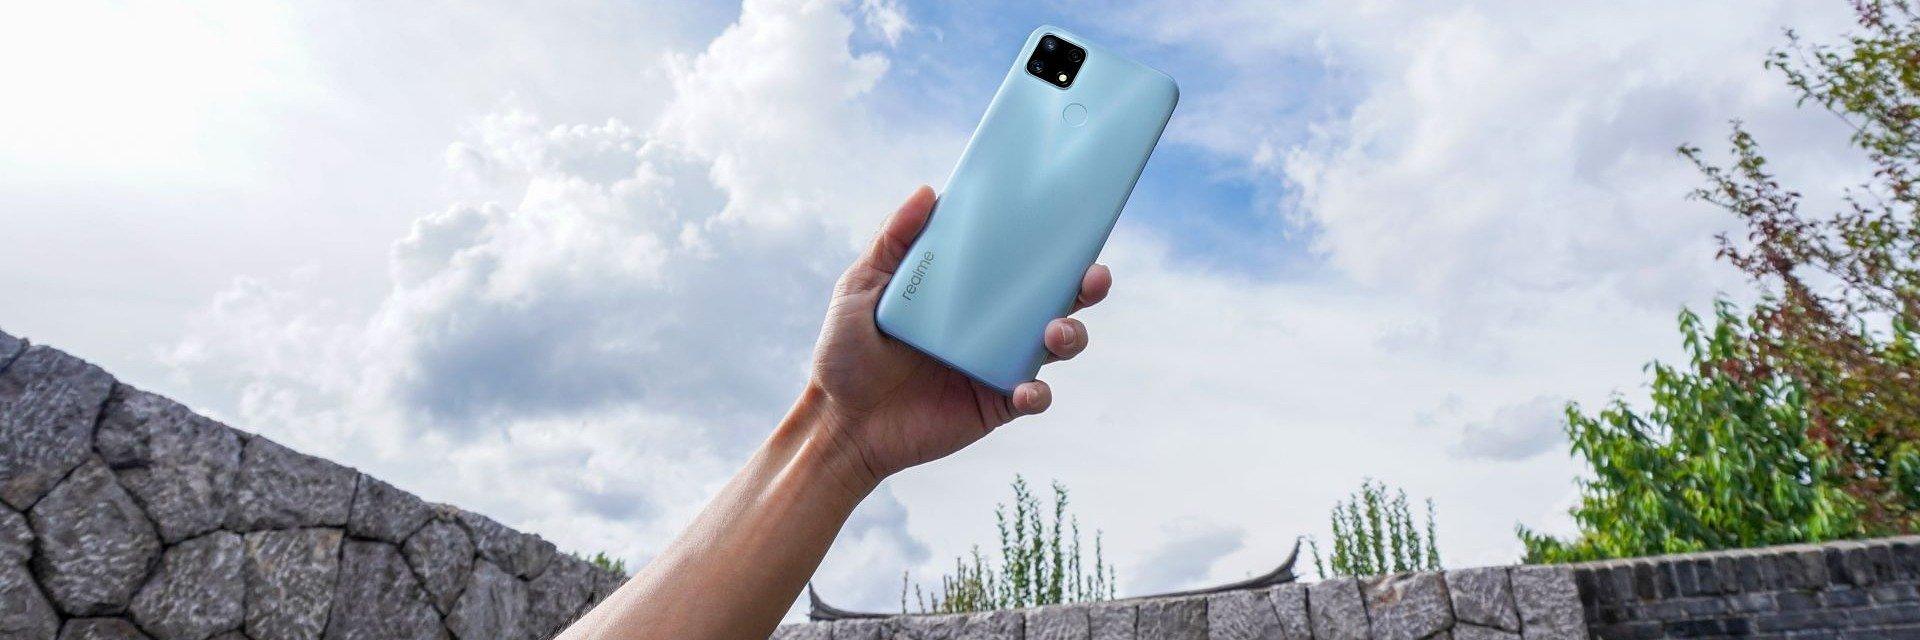 realme 7i za 599 złotych. Smartfon z mega baterią w promocyjnej cenie